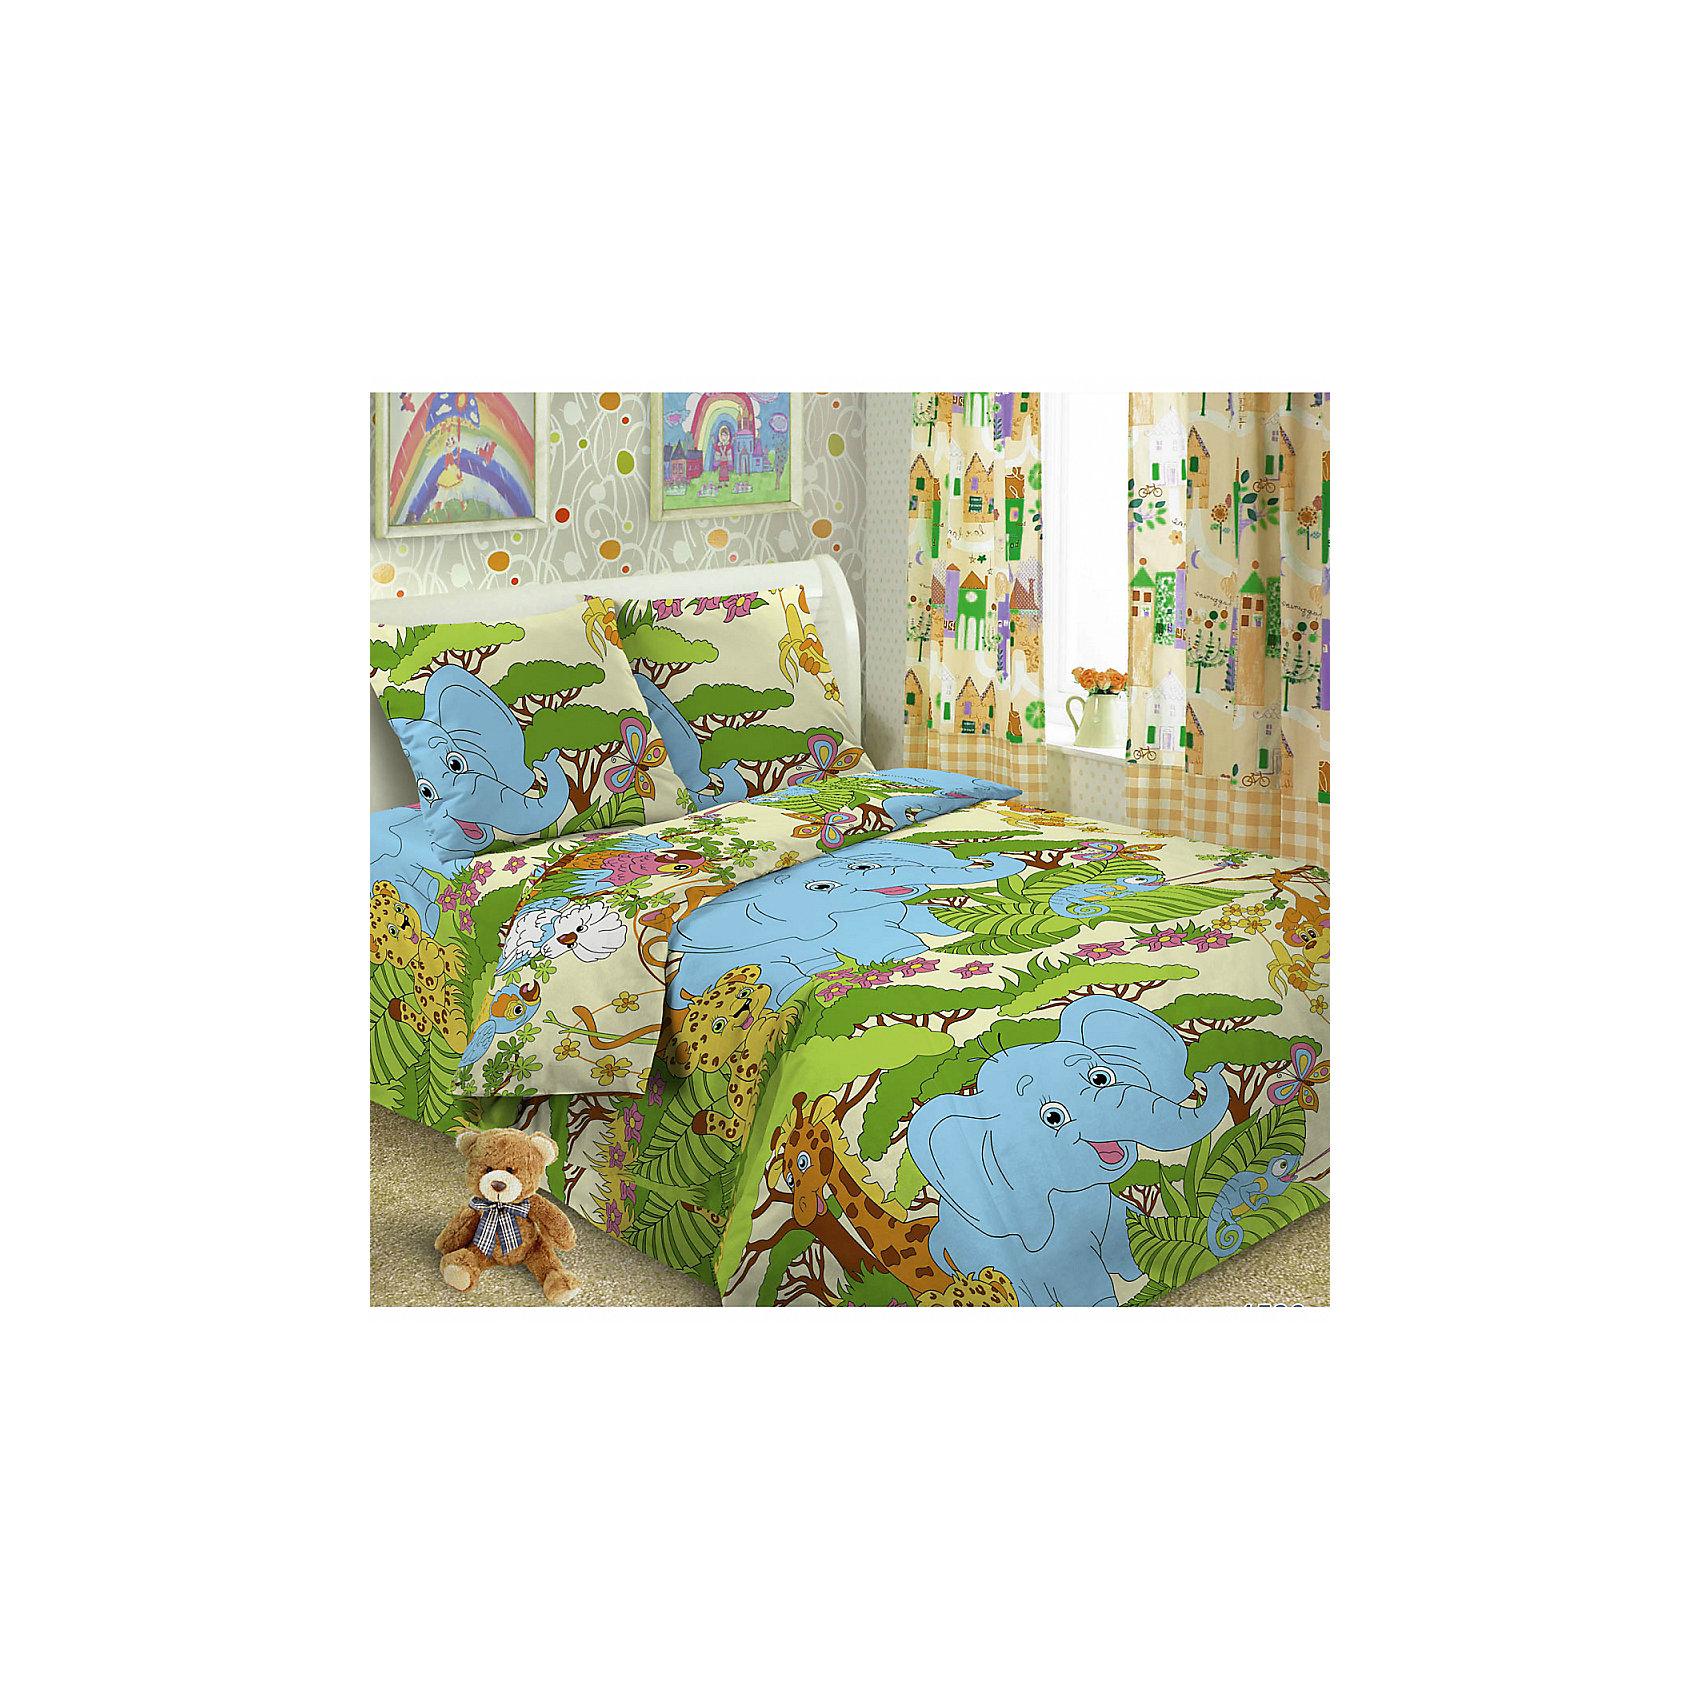 Letto Постельное белье Джунгли (нав.50*70), Letto комплект белья letto семейный наволочки 70х70 цвет голубой синий b183 7